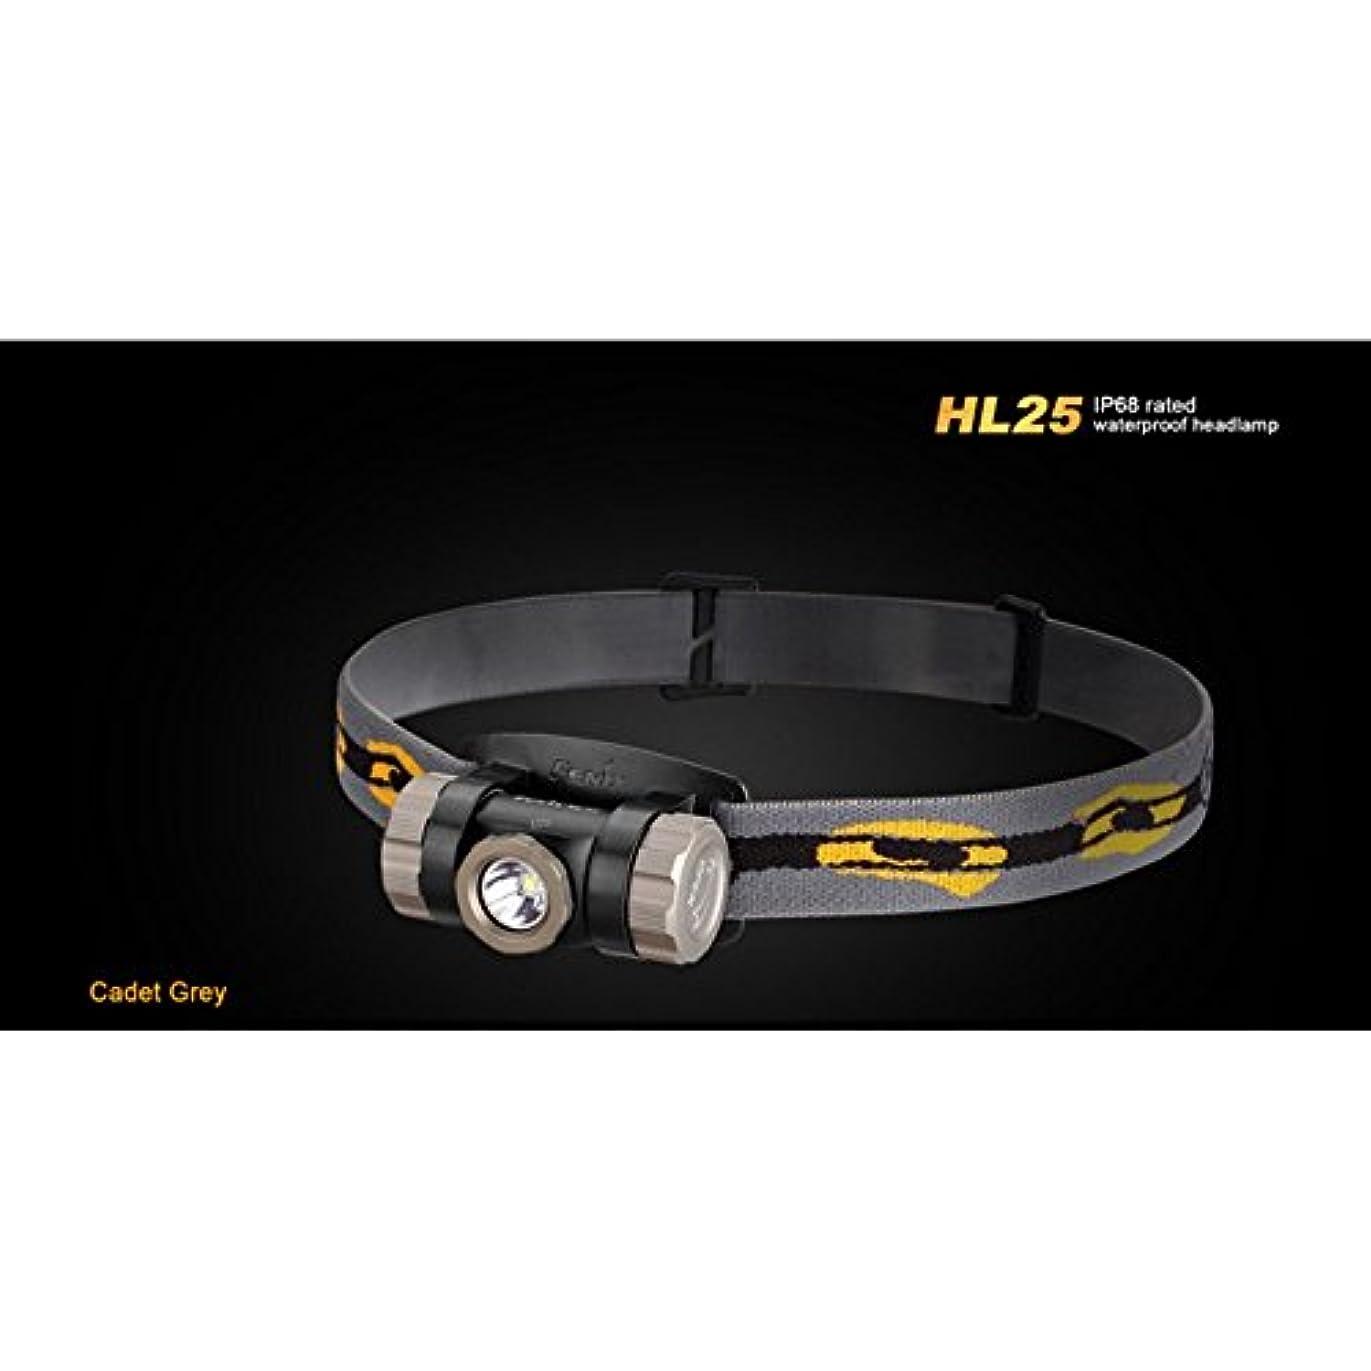 はげ垂直ハングFenix HL25 3AAA Waterproof Cree XP-G2 R5 LED Headlamp,280 Lumens FENIX-HL25-GREY by Fenix Flashlights